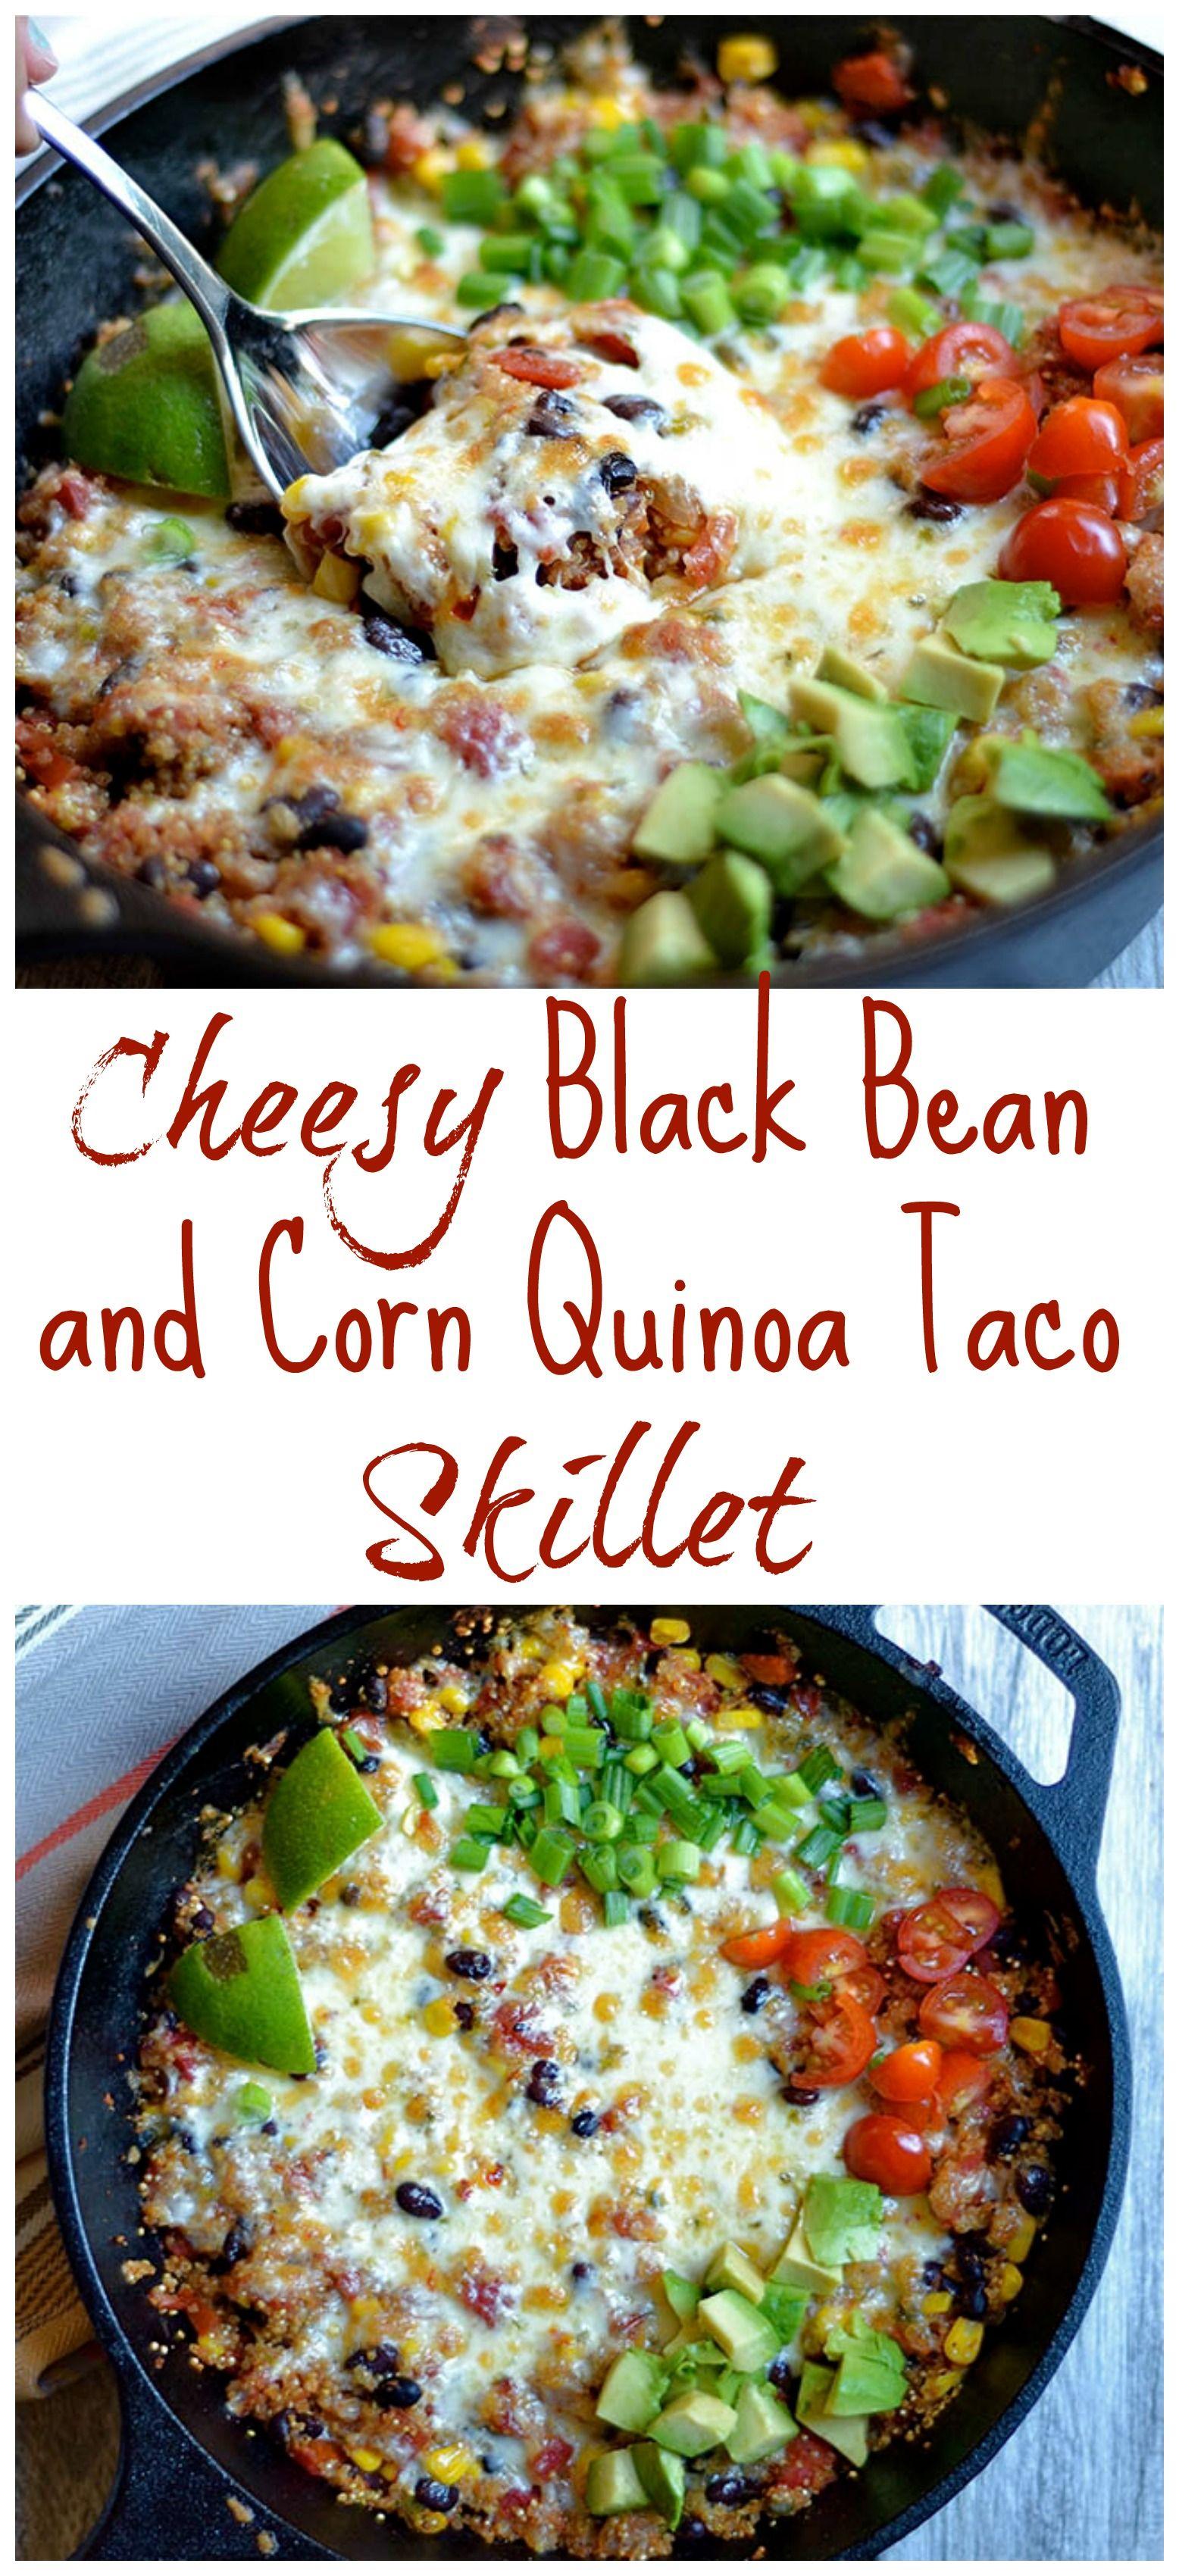 Cheesy Black Bean And Corn Quinoa Taco Skillet